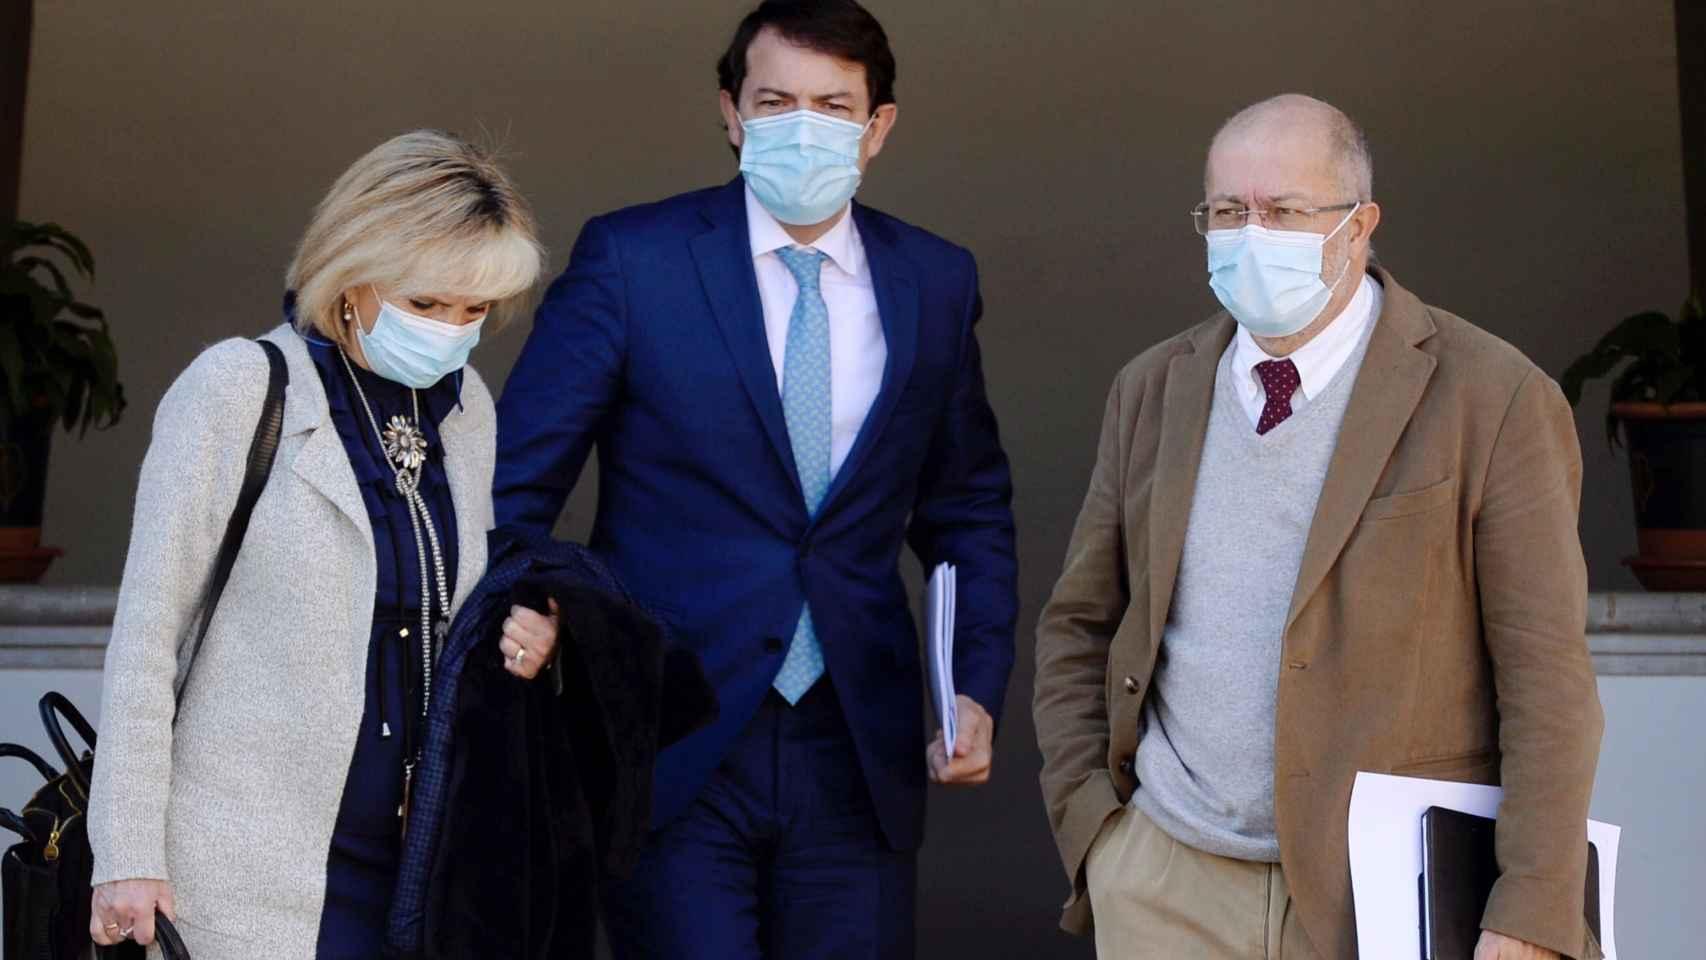 Castilla y León pleitea con el Gobierno para mantener vivo el toque de queda a las ocho: «Nos funciona»